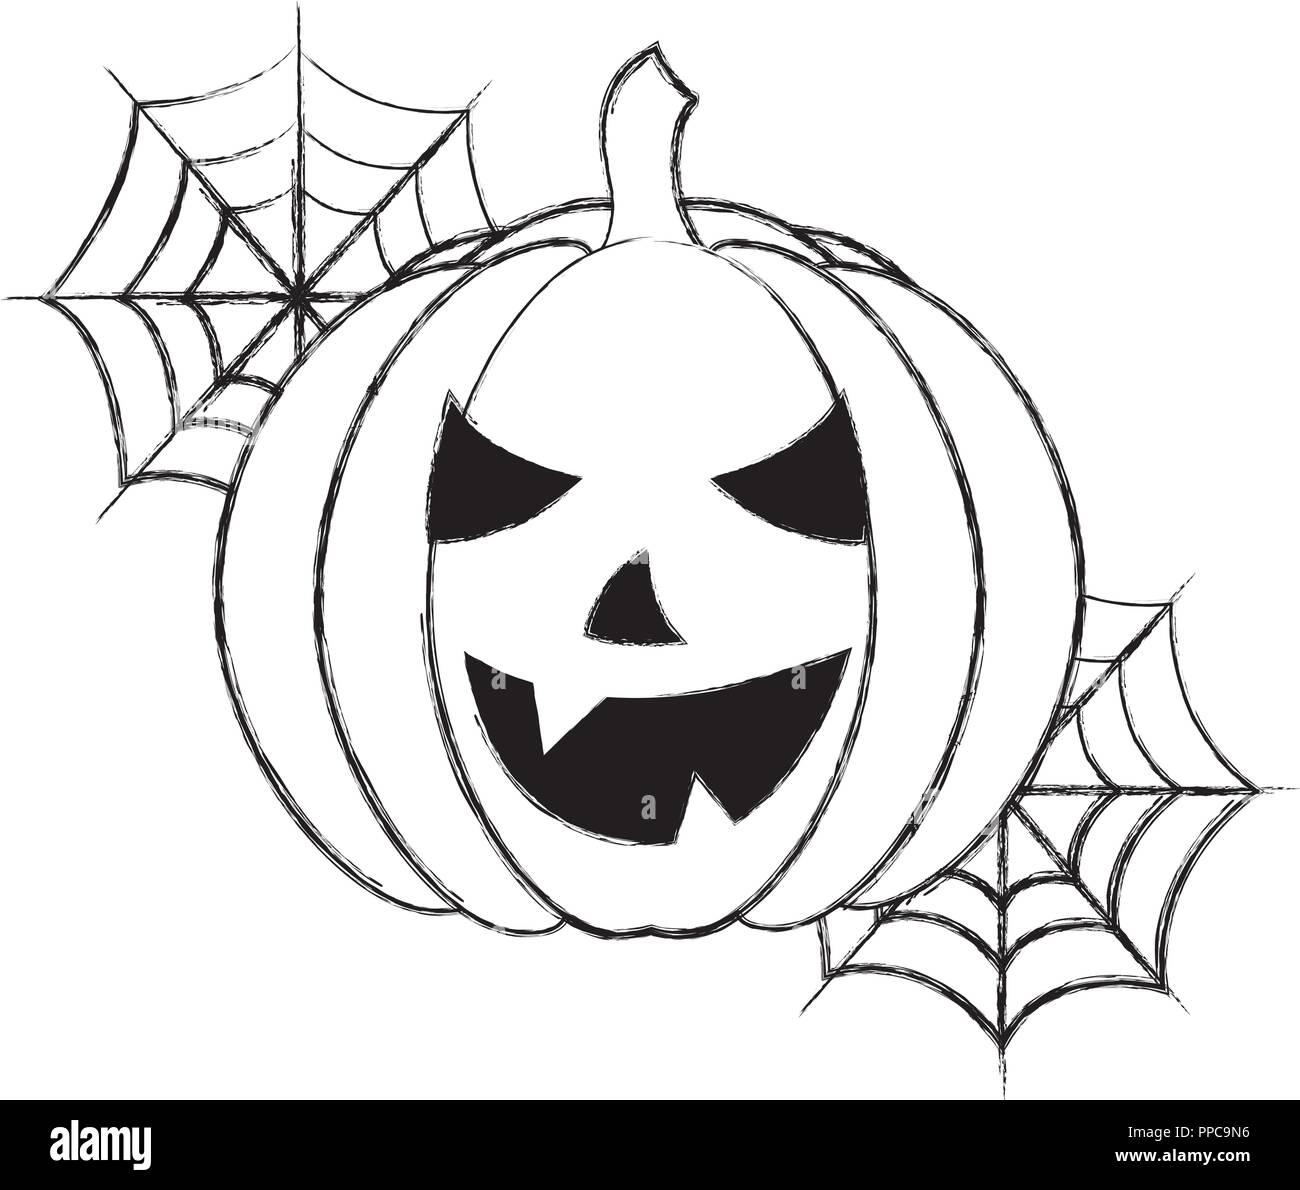 Halloween Pumpkin Drawing.Halloween Pumpkin With Cobweb Cartoon Vector Illustration